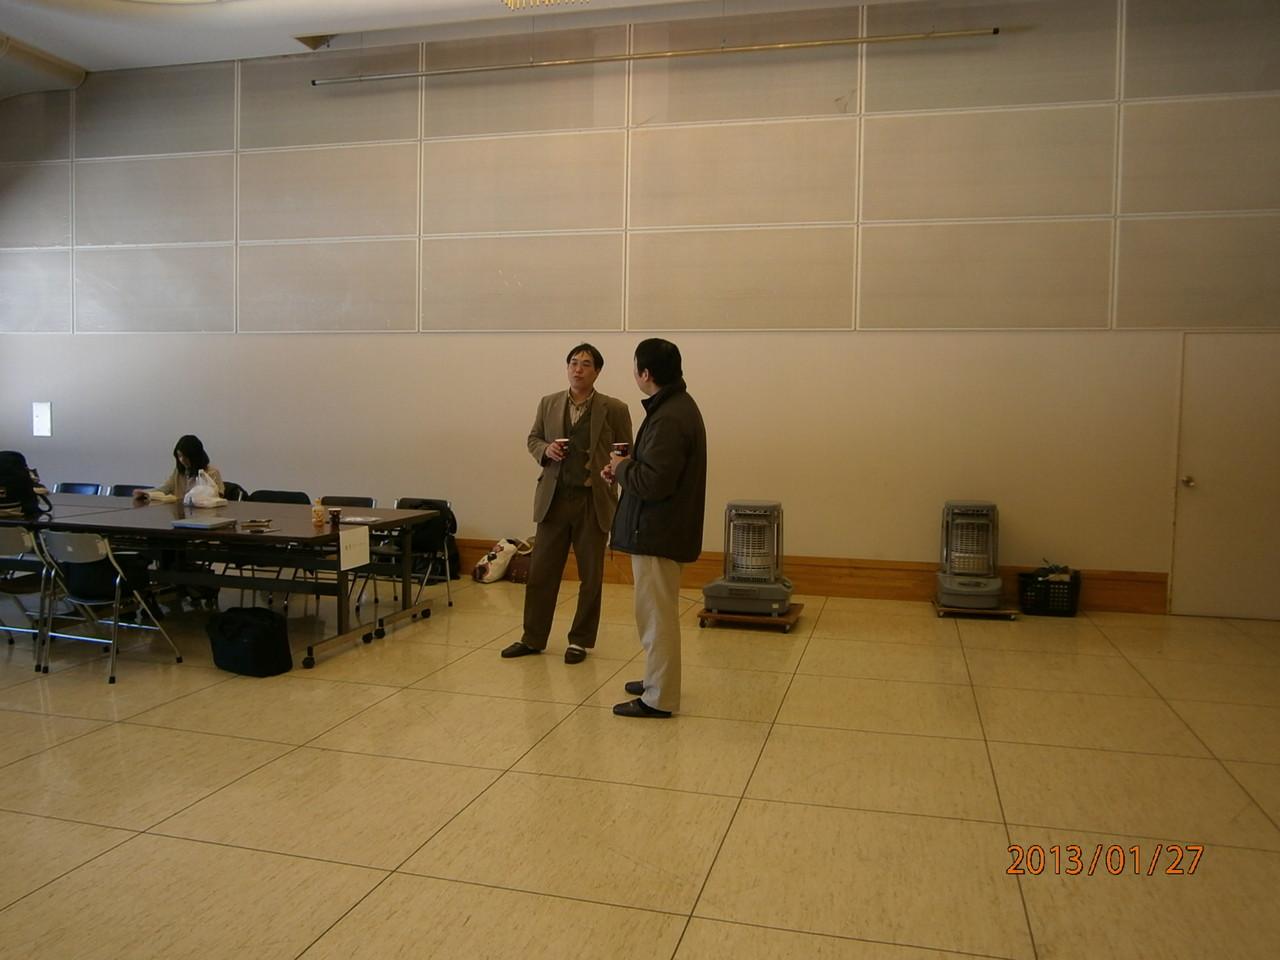 遠くで話をしているのは軽井沢高校顧問と塩尻支部の松本先生。将棋のすばらしさをどのように伝えていけばいいのか議論をしている(らしい)